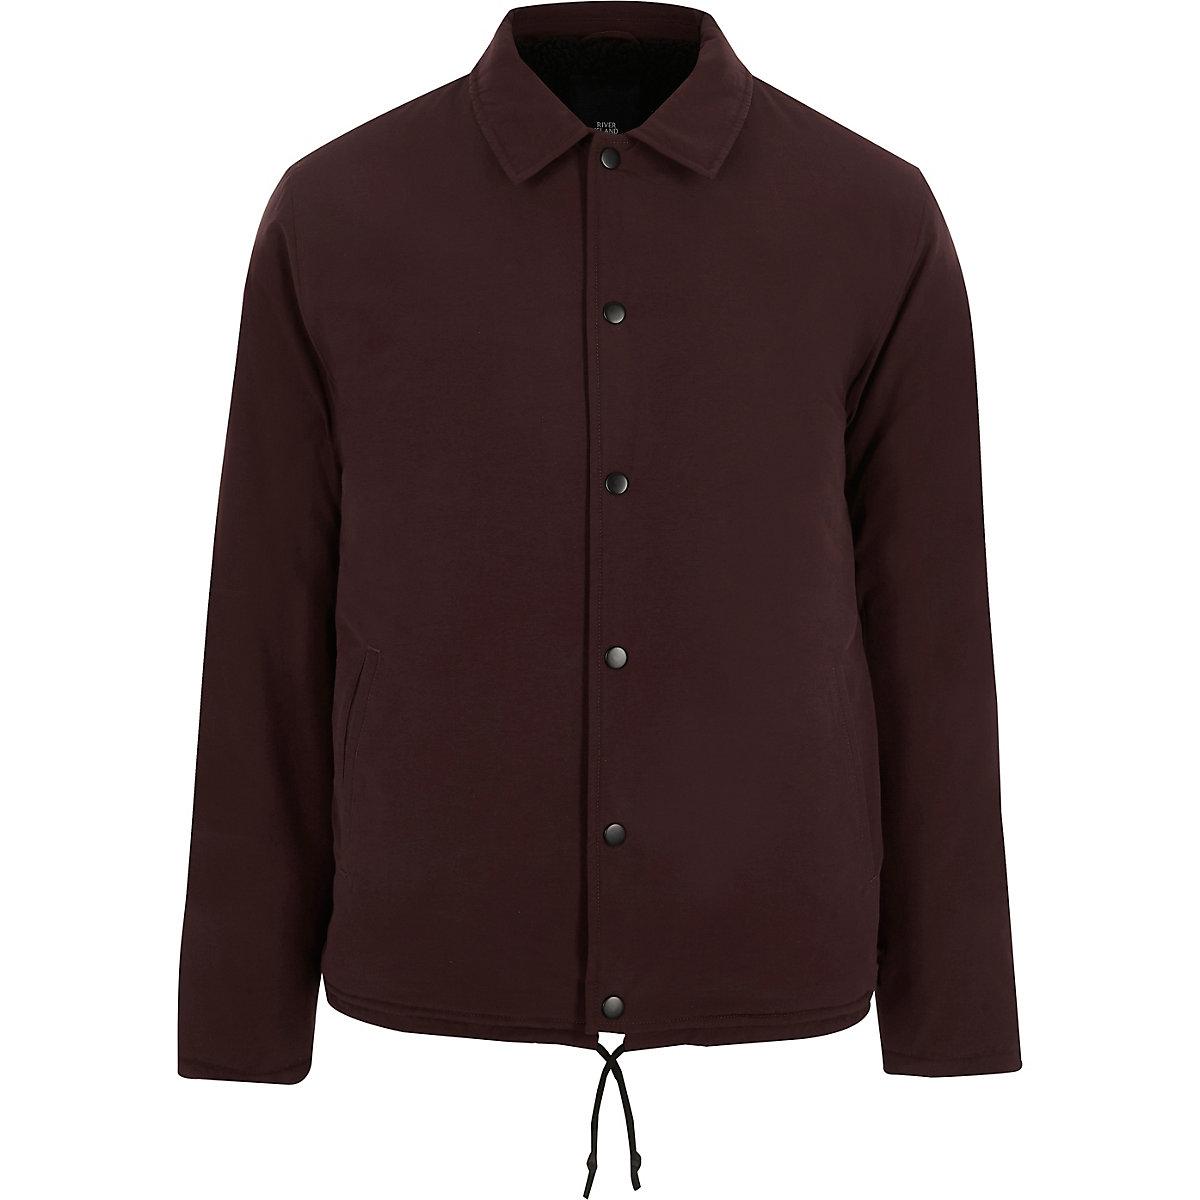 Burgundy borg lined coach jacket